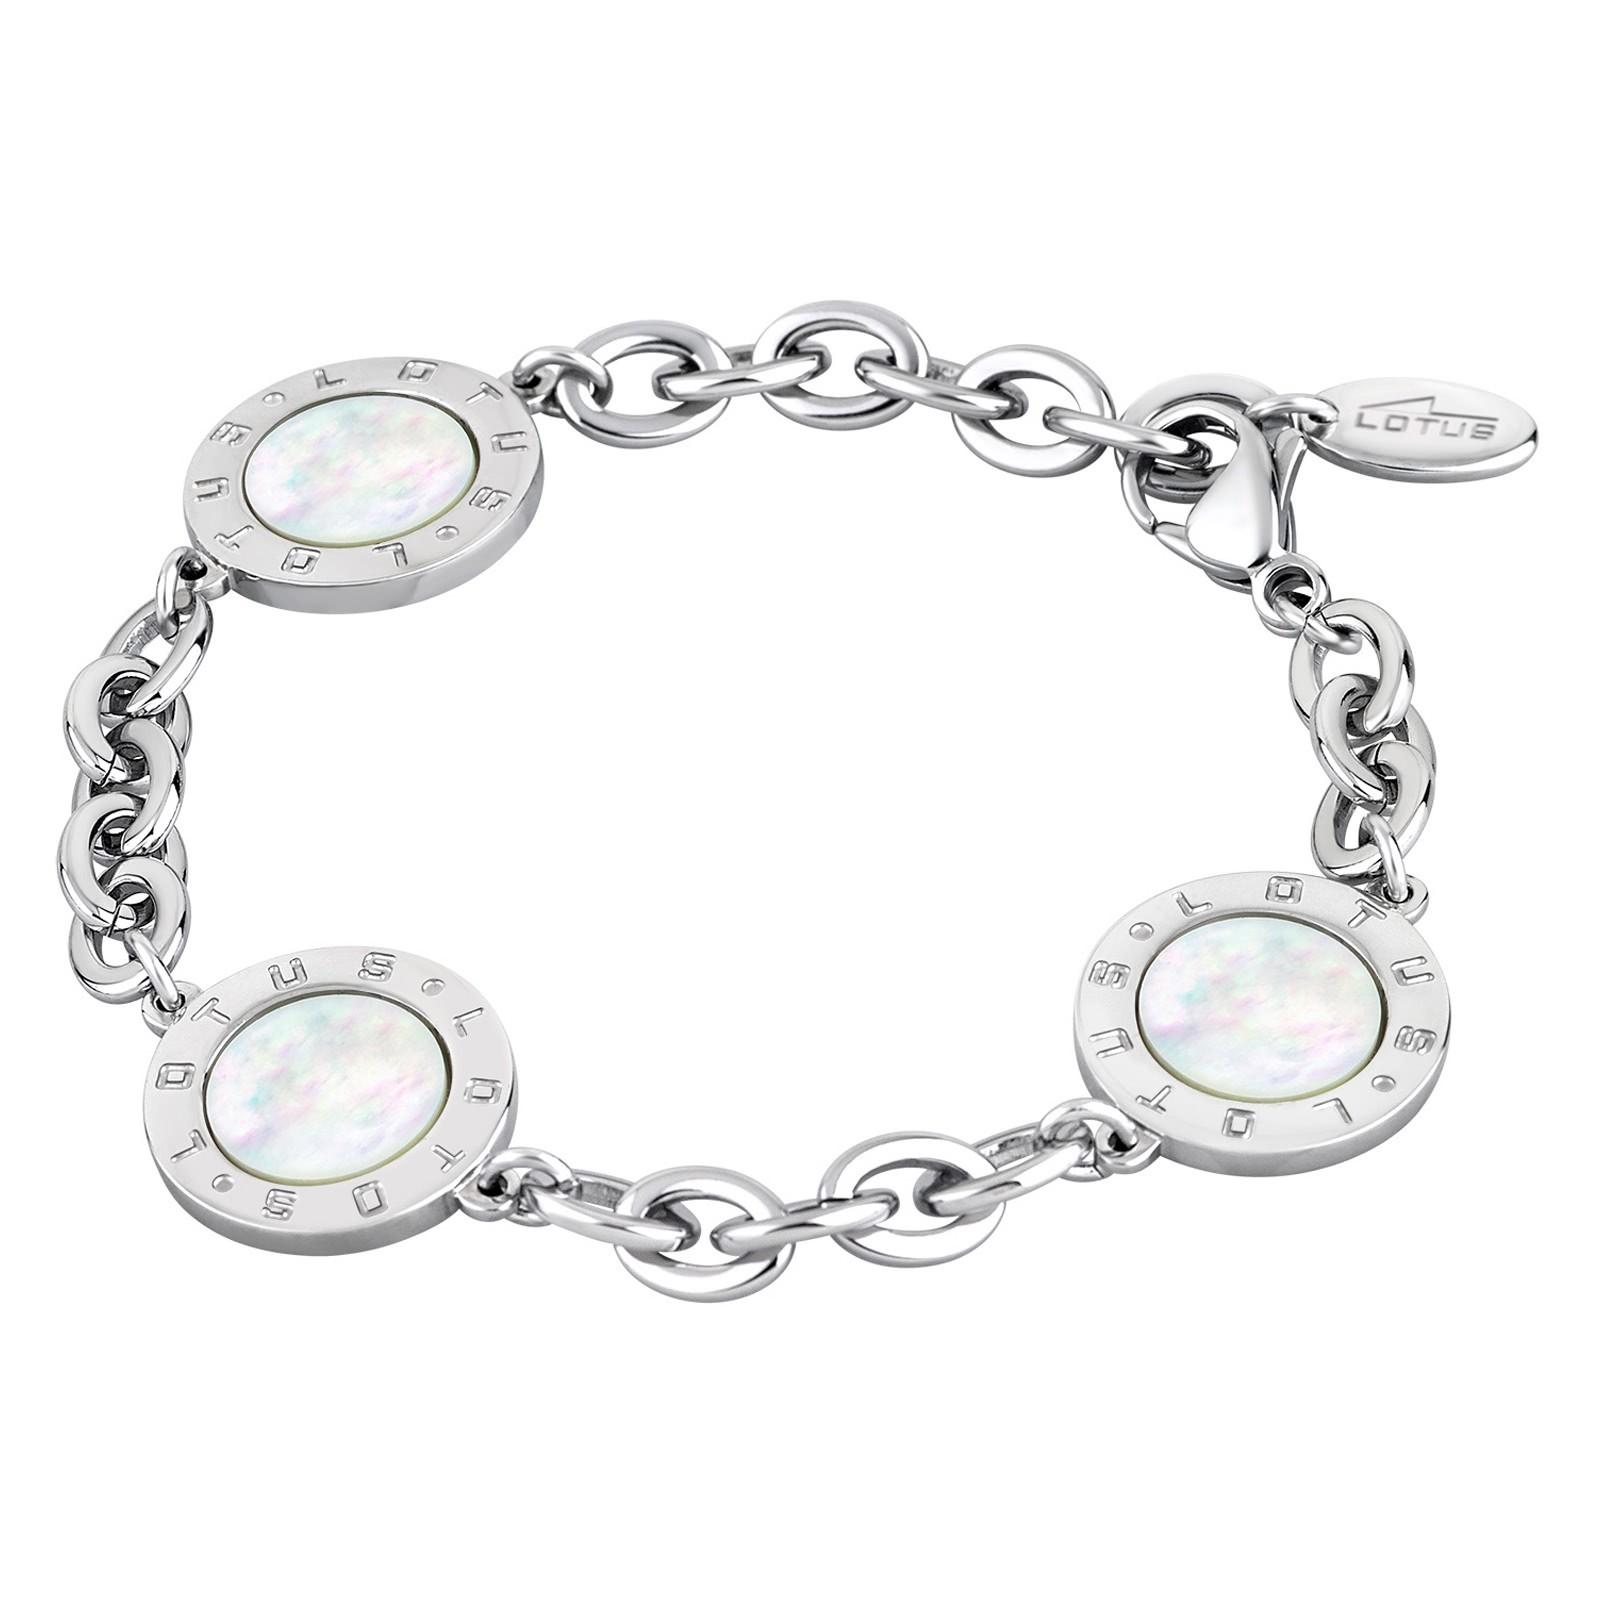 LOTUS Style Damen Armband Privilege Edelstahl-Schmuck JLS1752-2-1